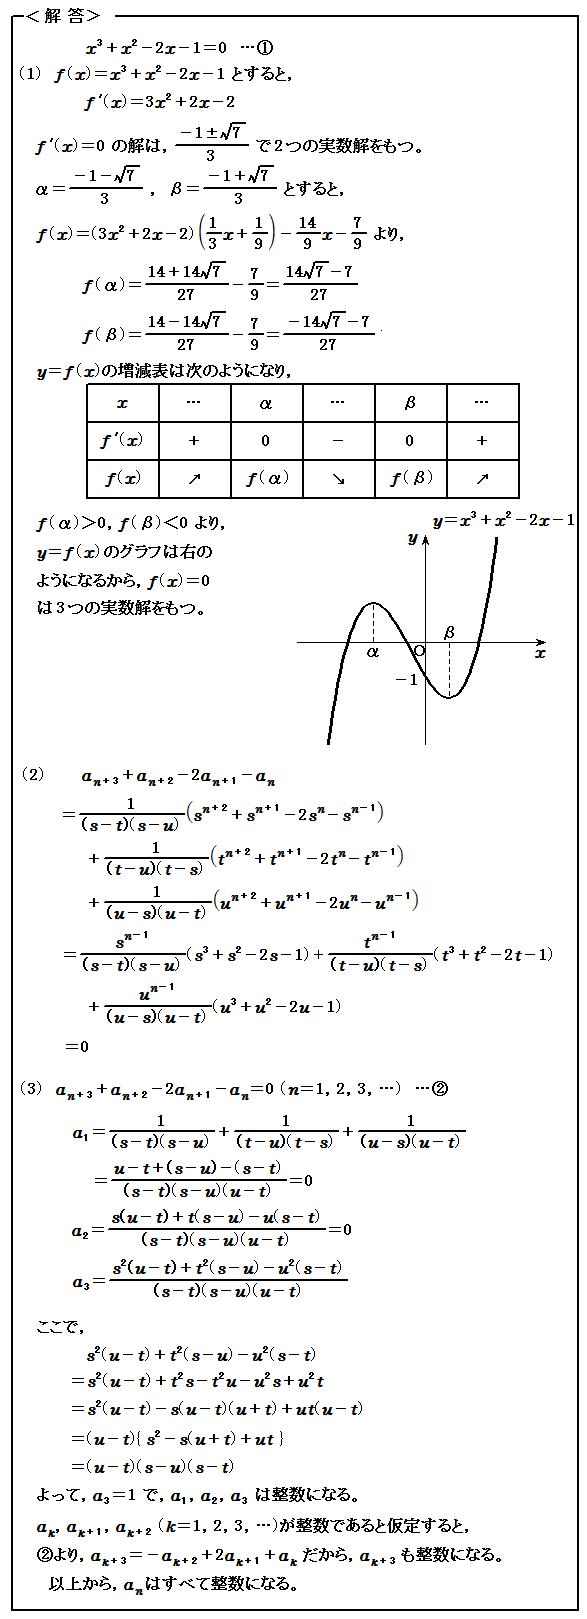 2016 北海道大学<理系> 第4問 数列 解答